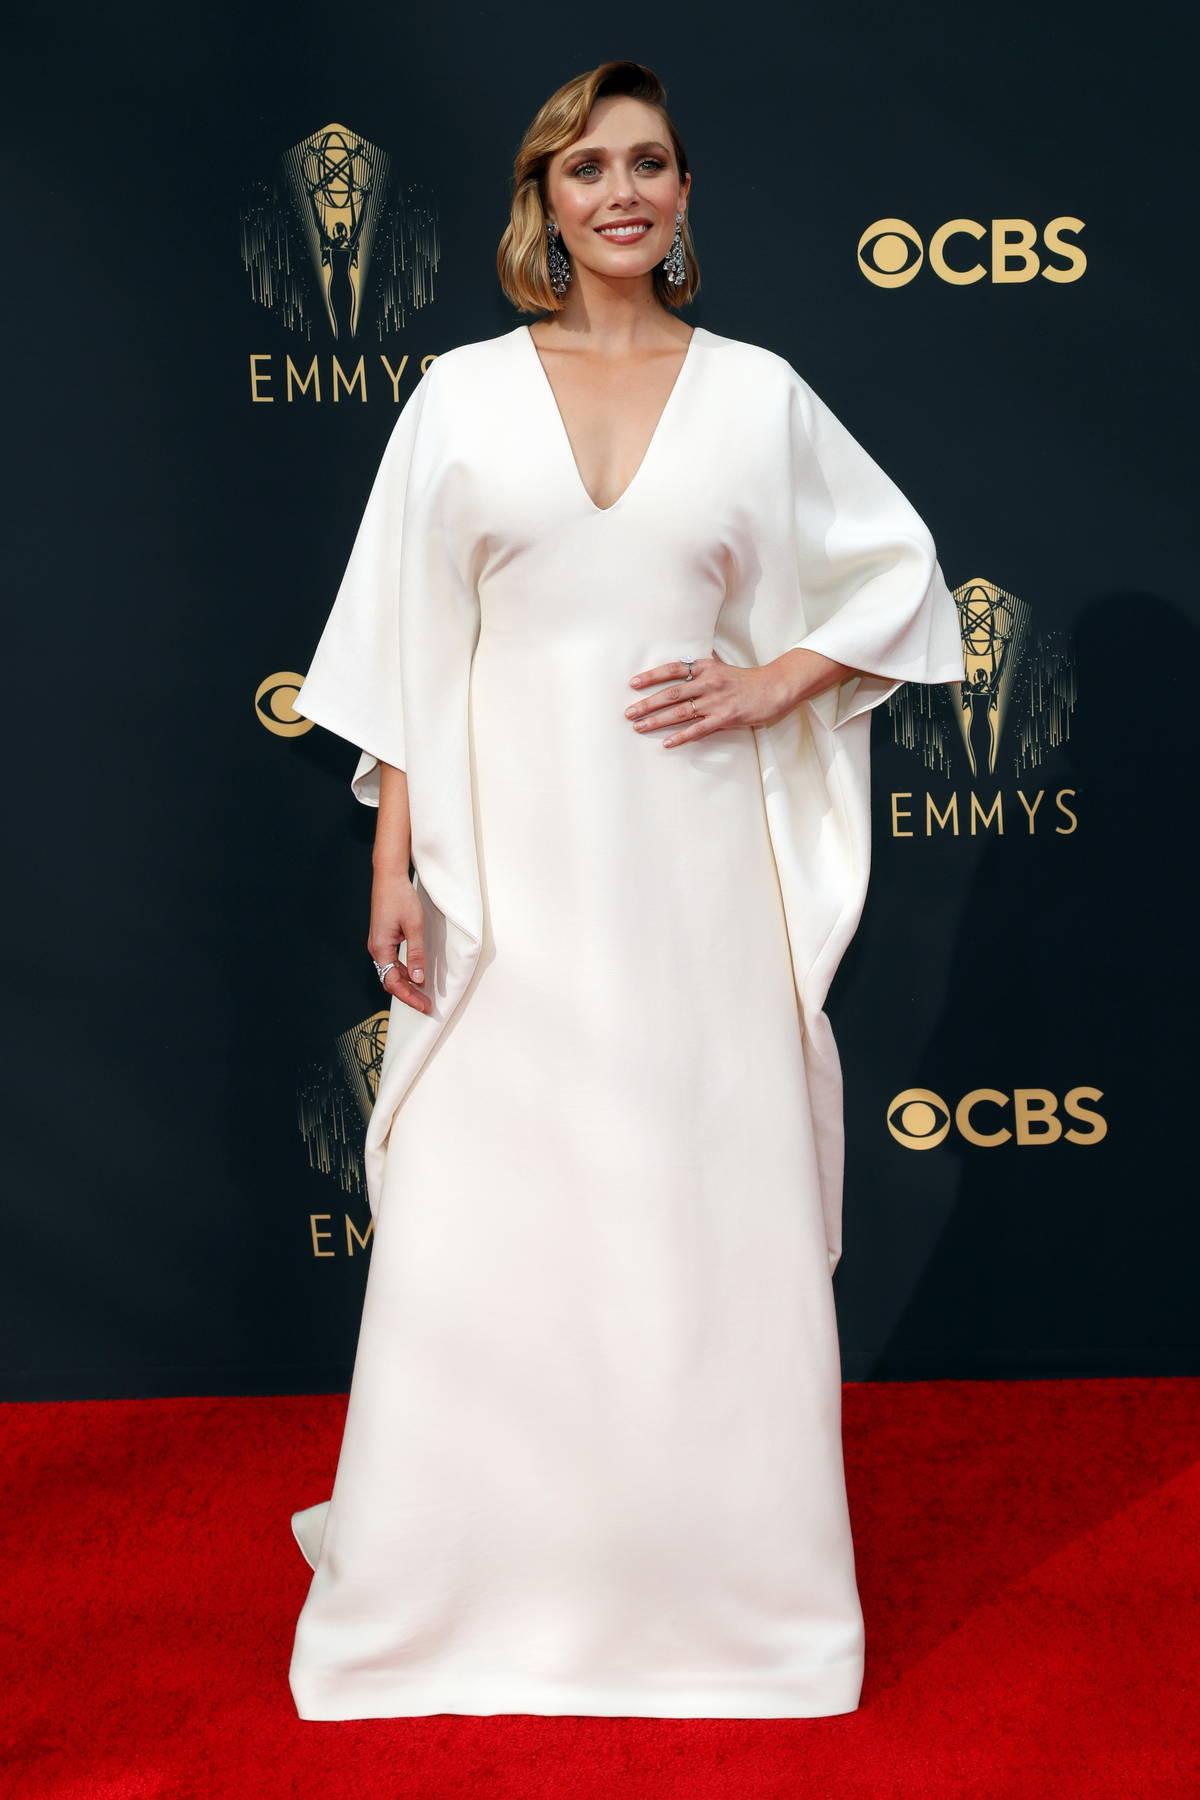 Elizabeth Olsen attends the 73rd Primetime Emmy Awards at L.A. Live in Los Angeles